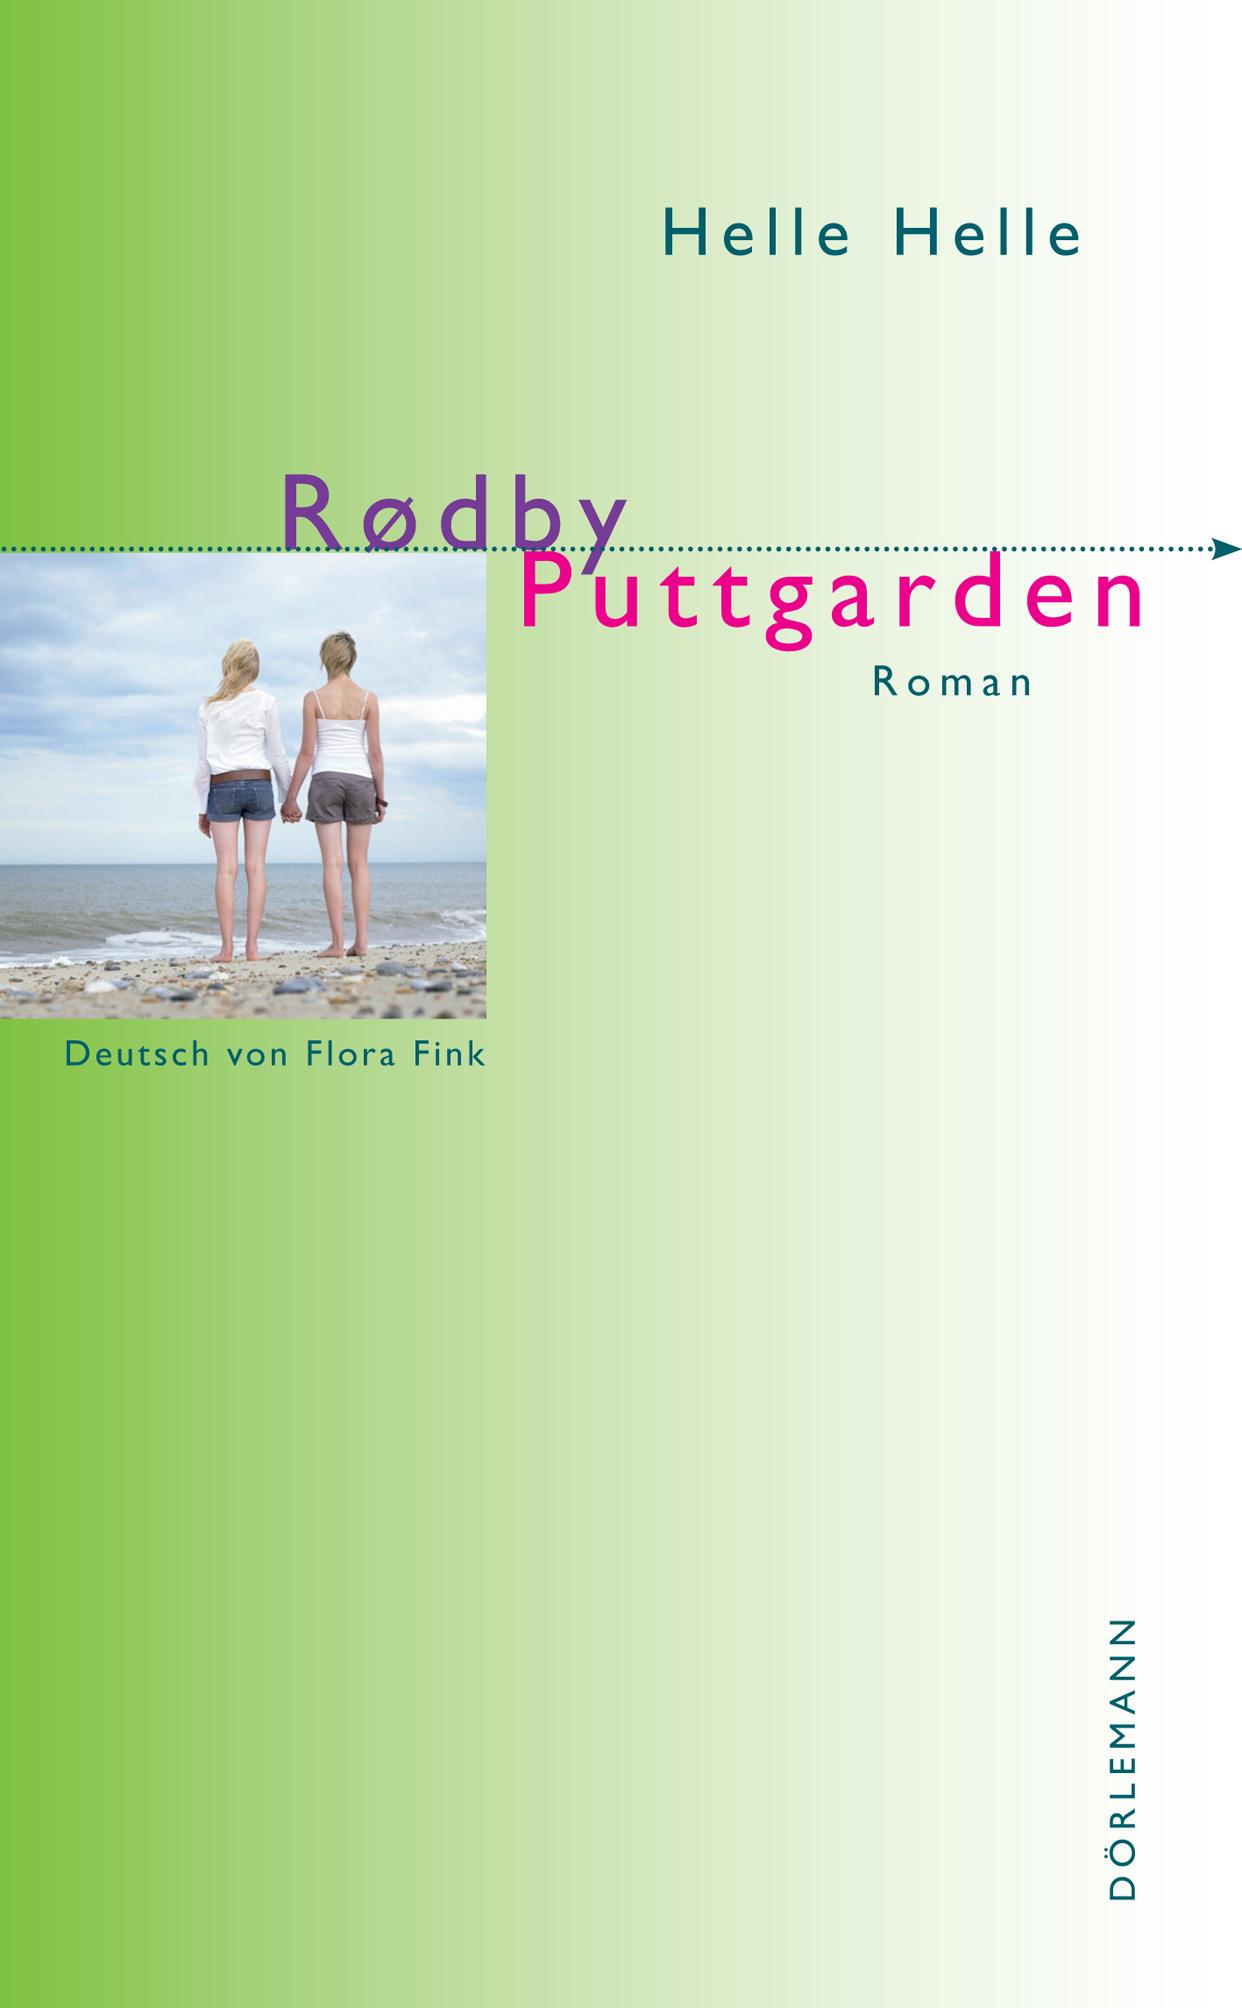 цена на Helle Helle Rødby - Puttgarden